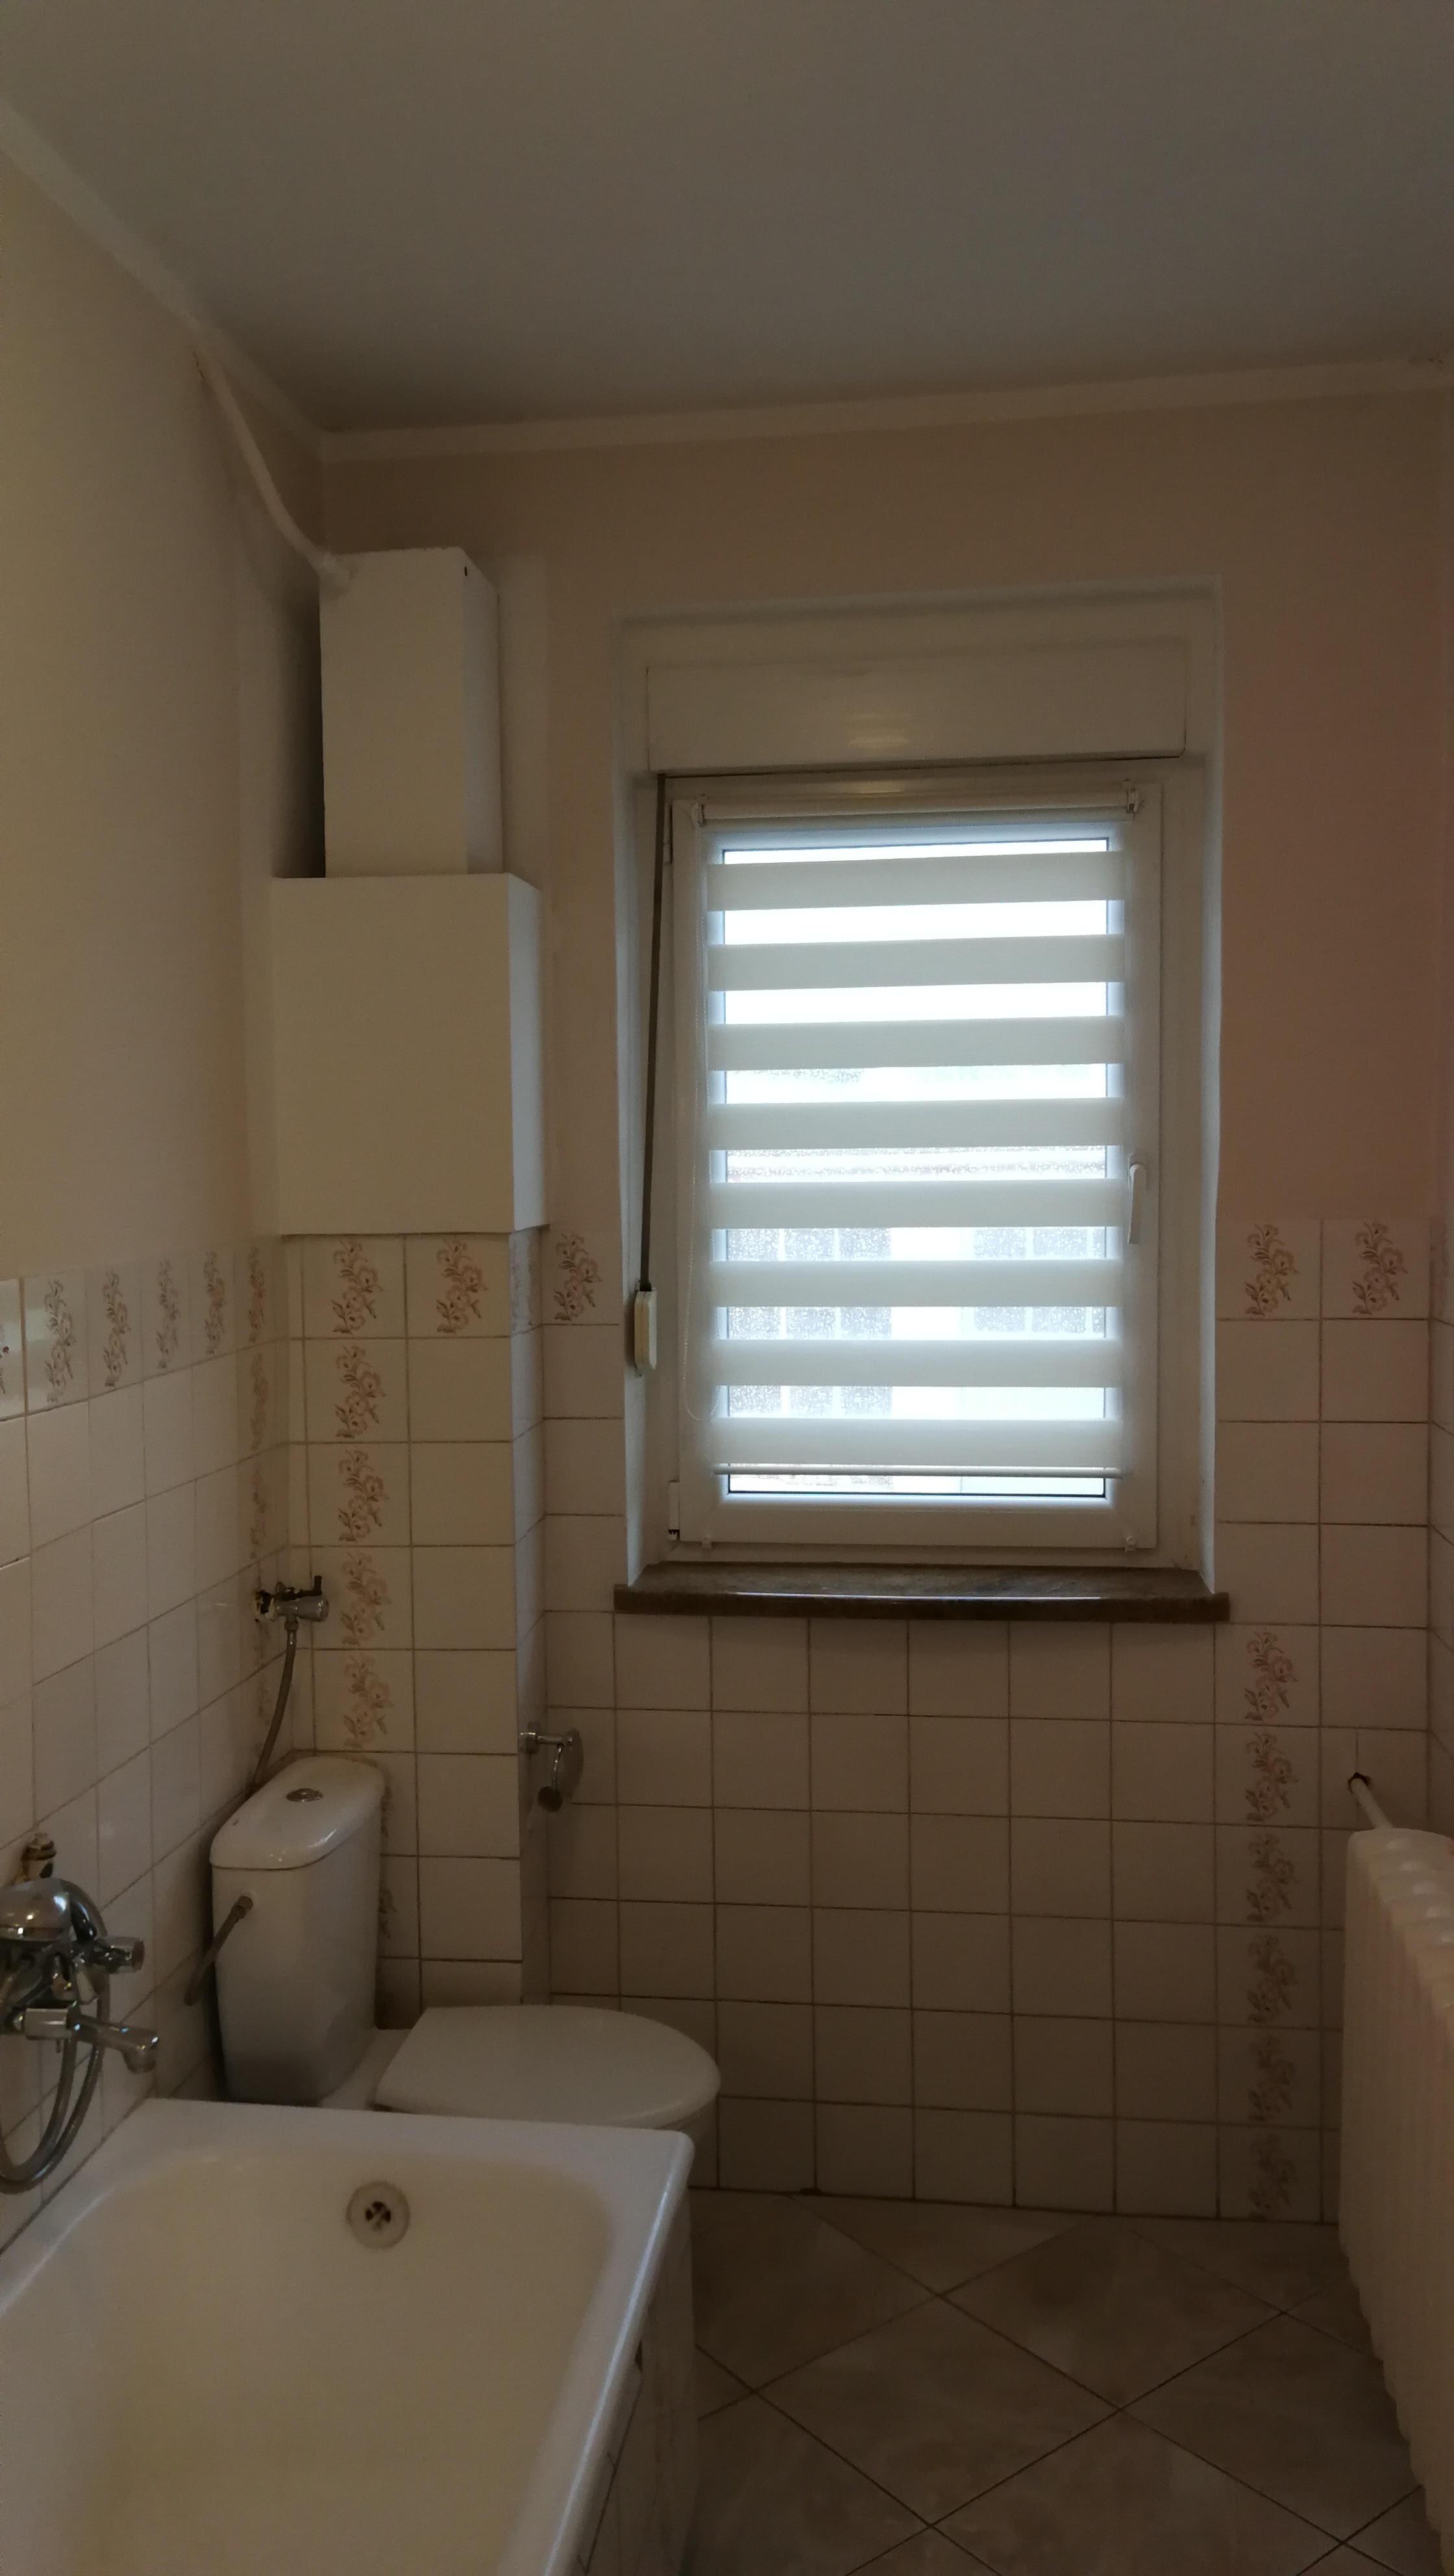 Długa Wąska łazienka Z Oknem Projekt I Aranżacja